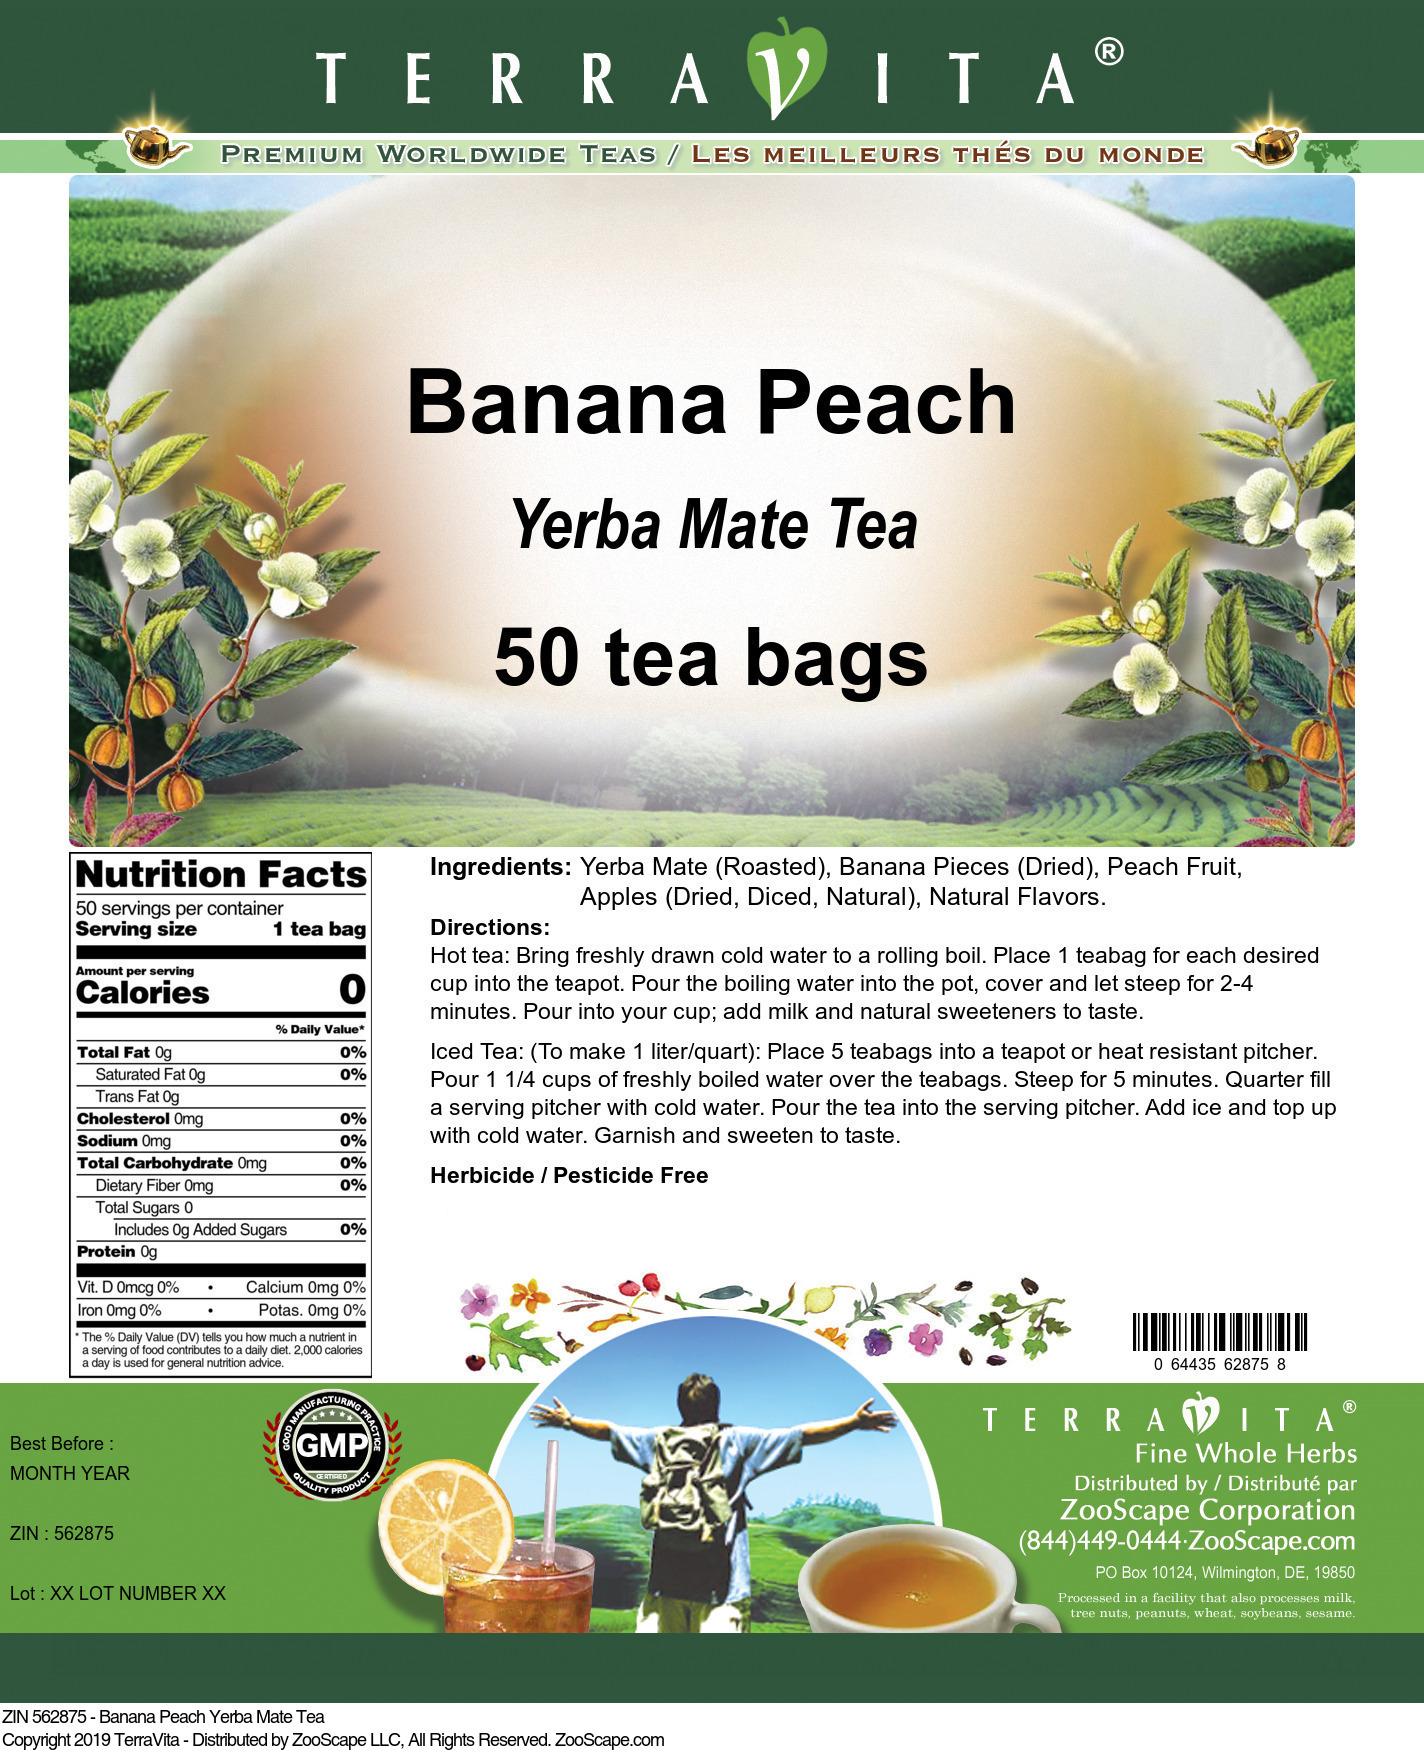 Banana Peach Yerba Mate Tea